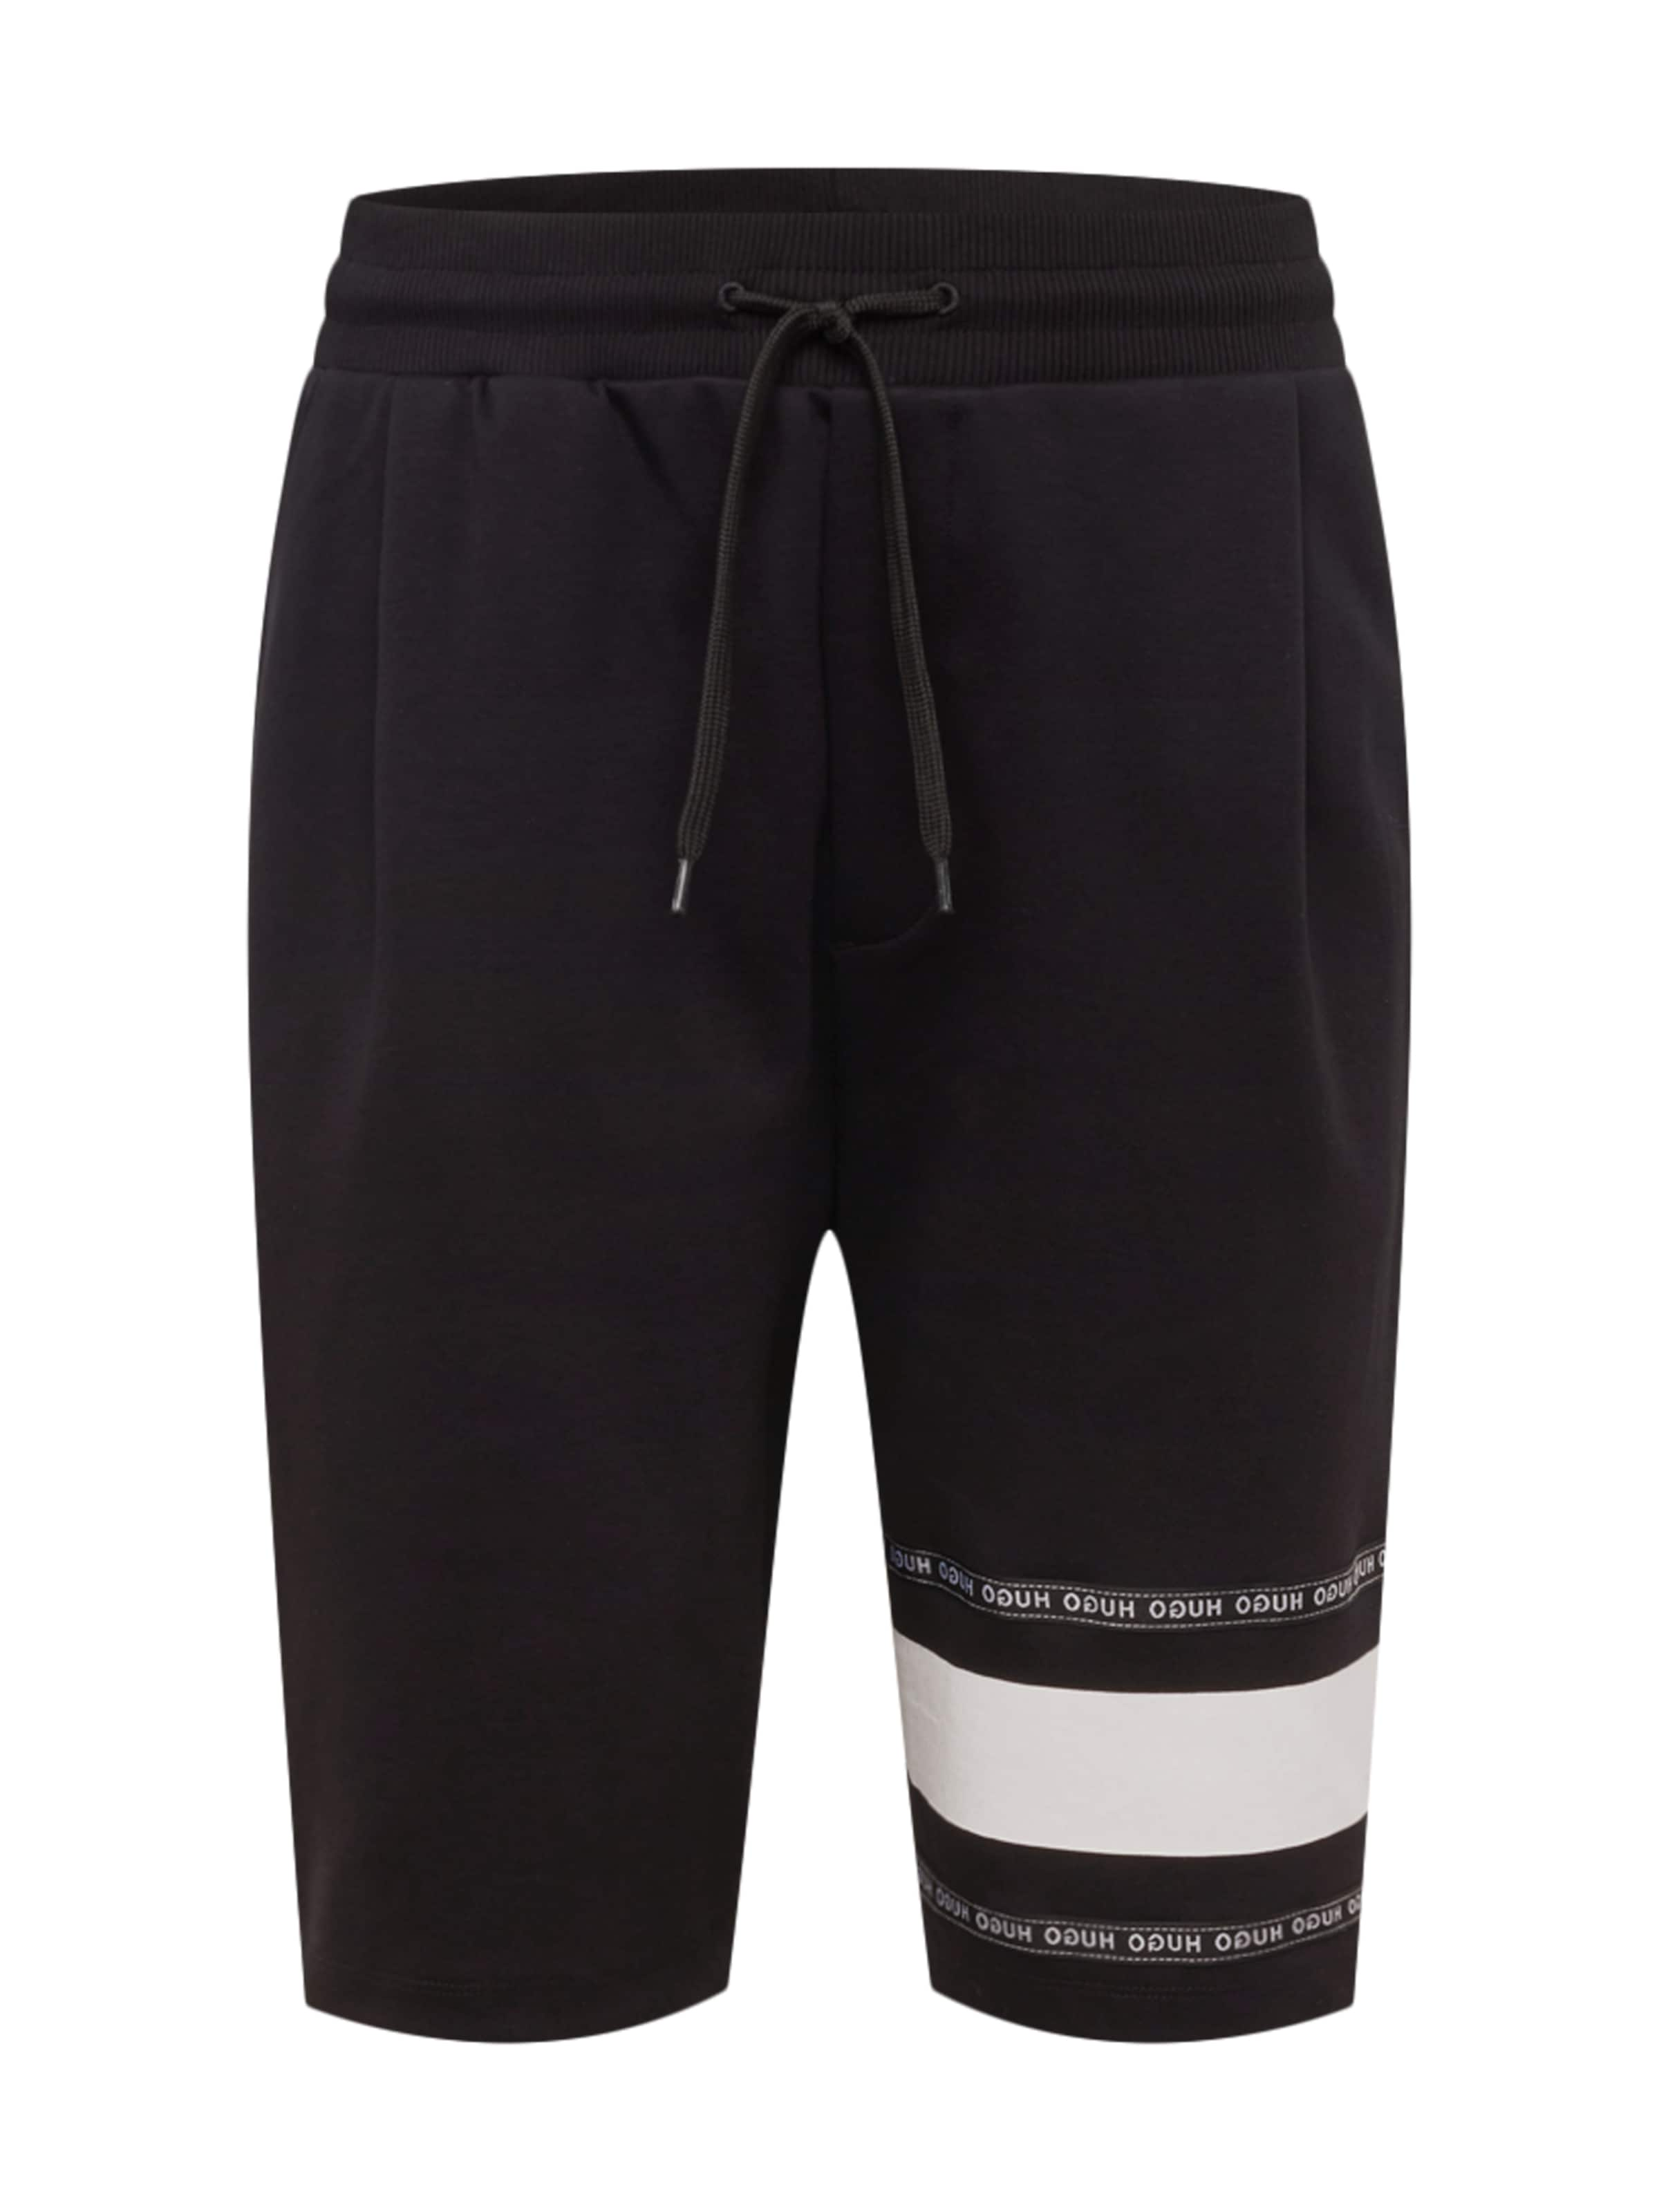 SchwarzWeiß Shorts 'dorts' In 'dorts' Hugo In Shorts Hugo SchwarzWeiß y7Ib6fYgvm